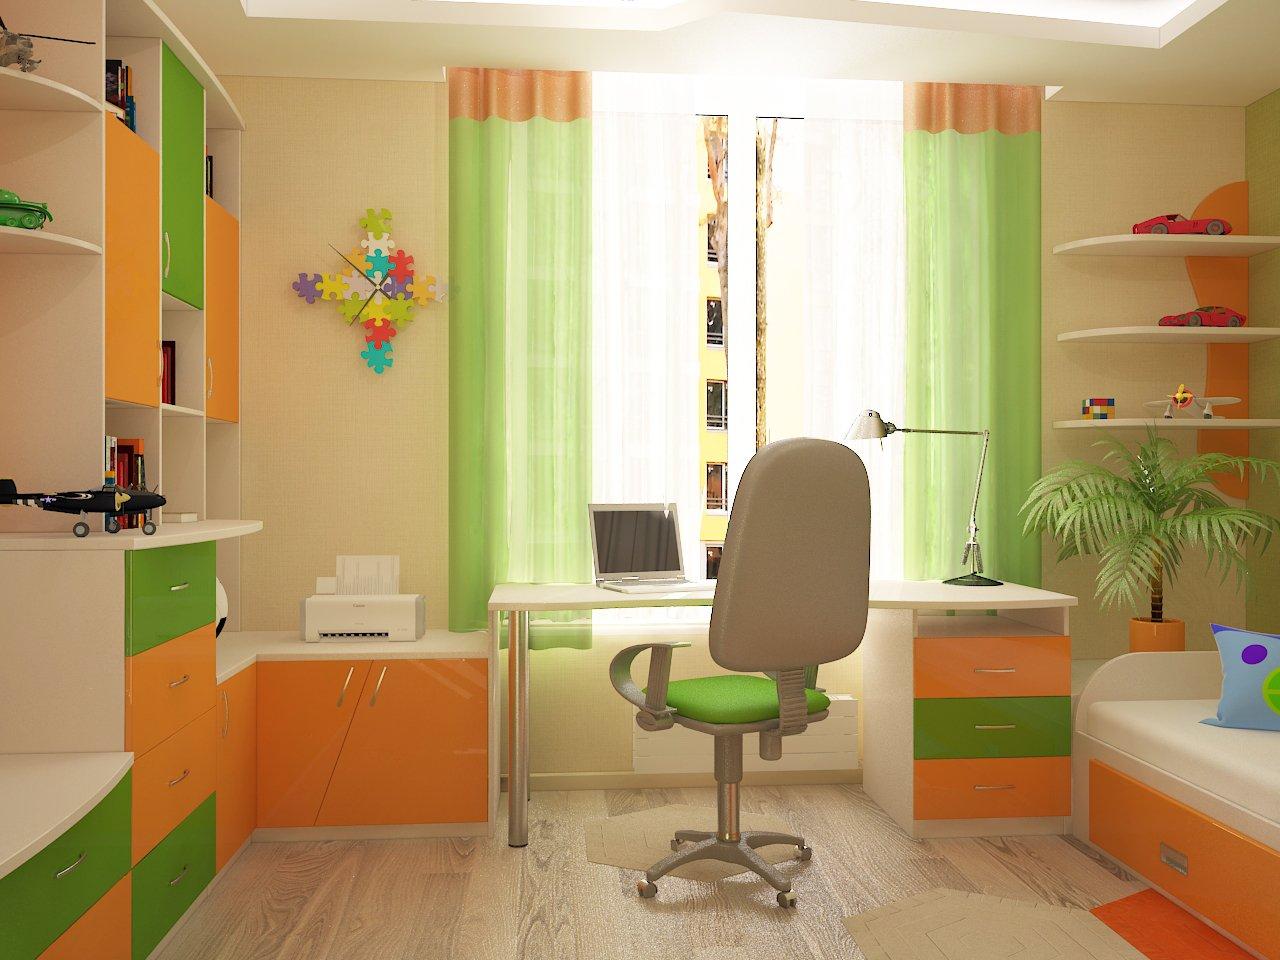 Дизайн детской спальни фото Киев.робочее место, оранжевый яркие цвета